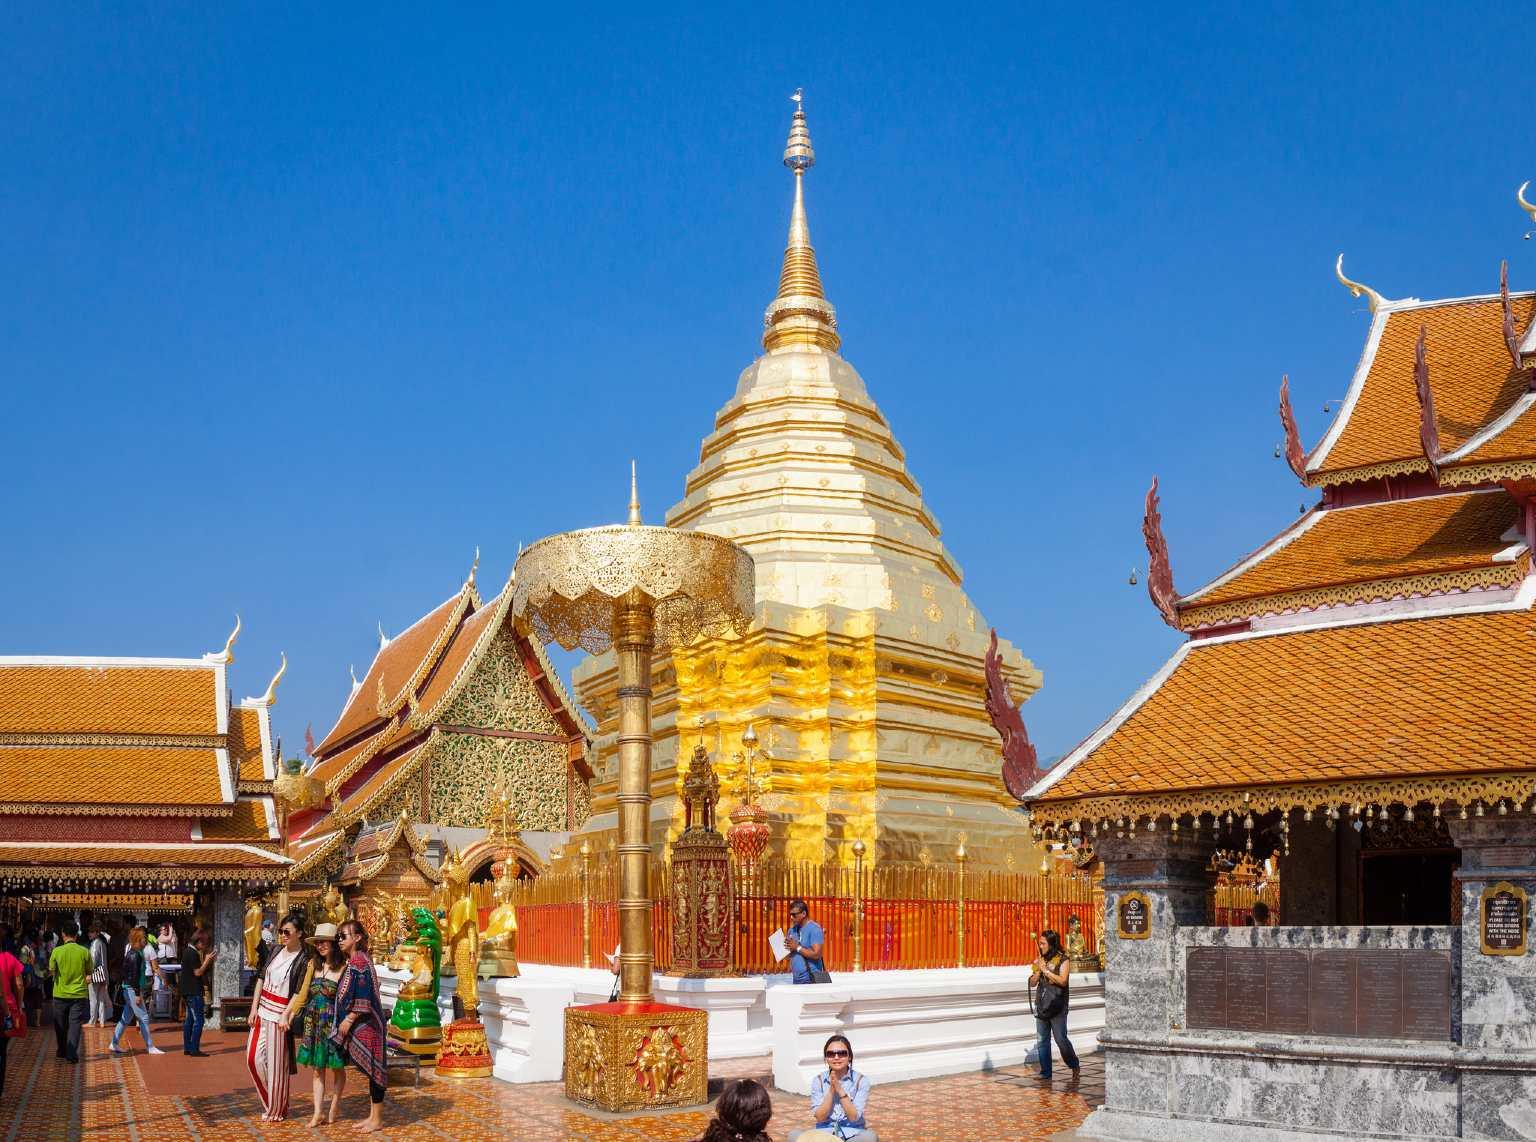 De gouden tempel van de Wat Phrathat Doi Suthep in Chiang Mai met een helderblauwe lucht op de achtergrond